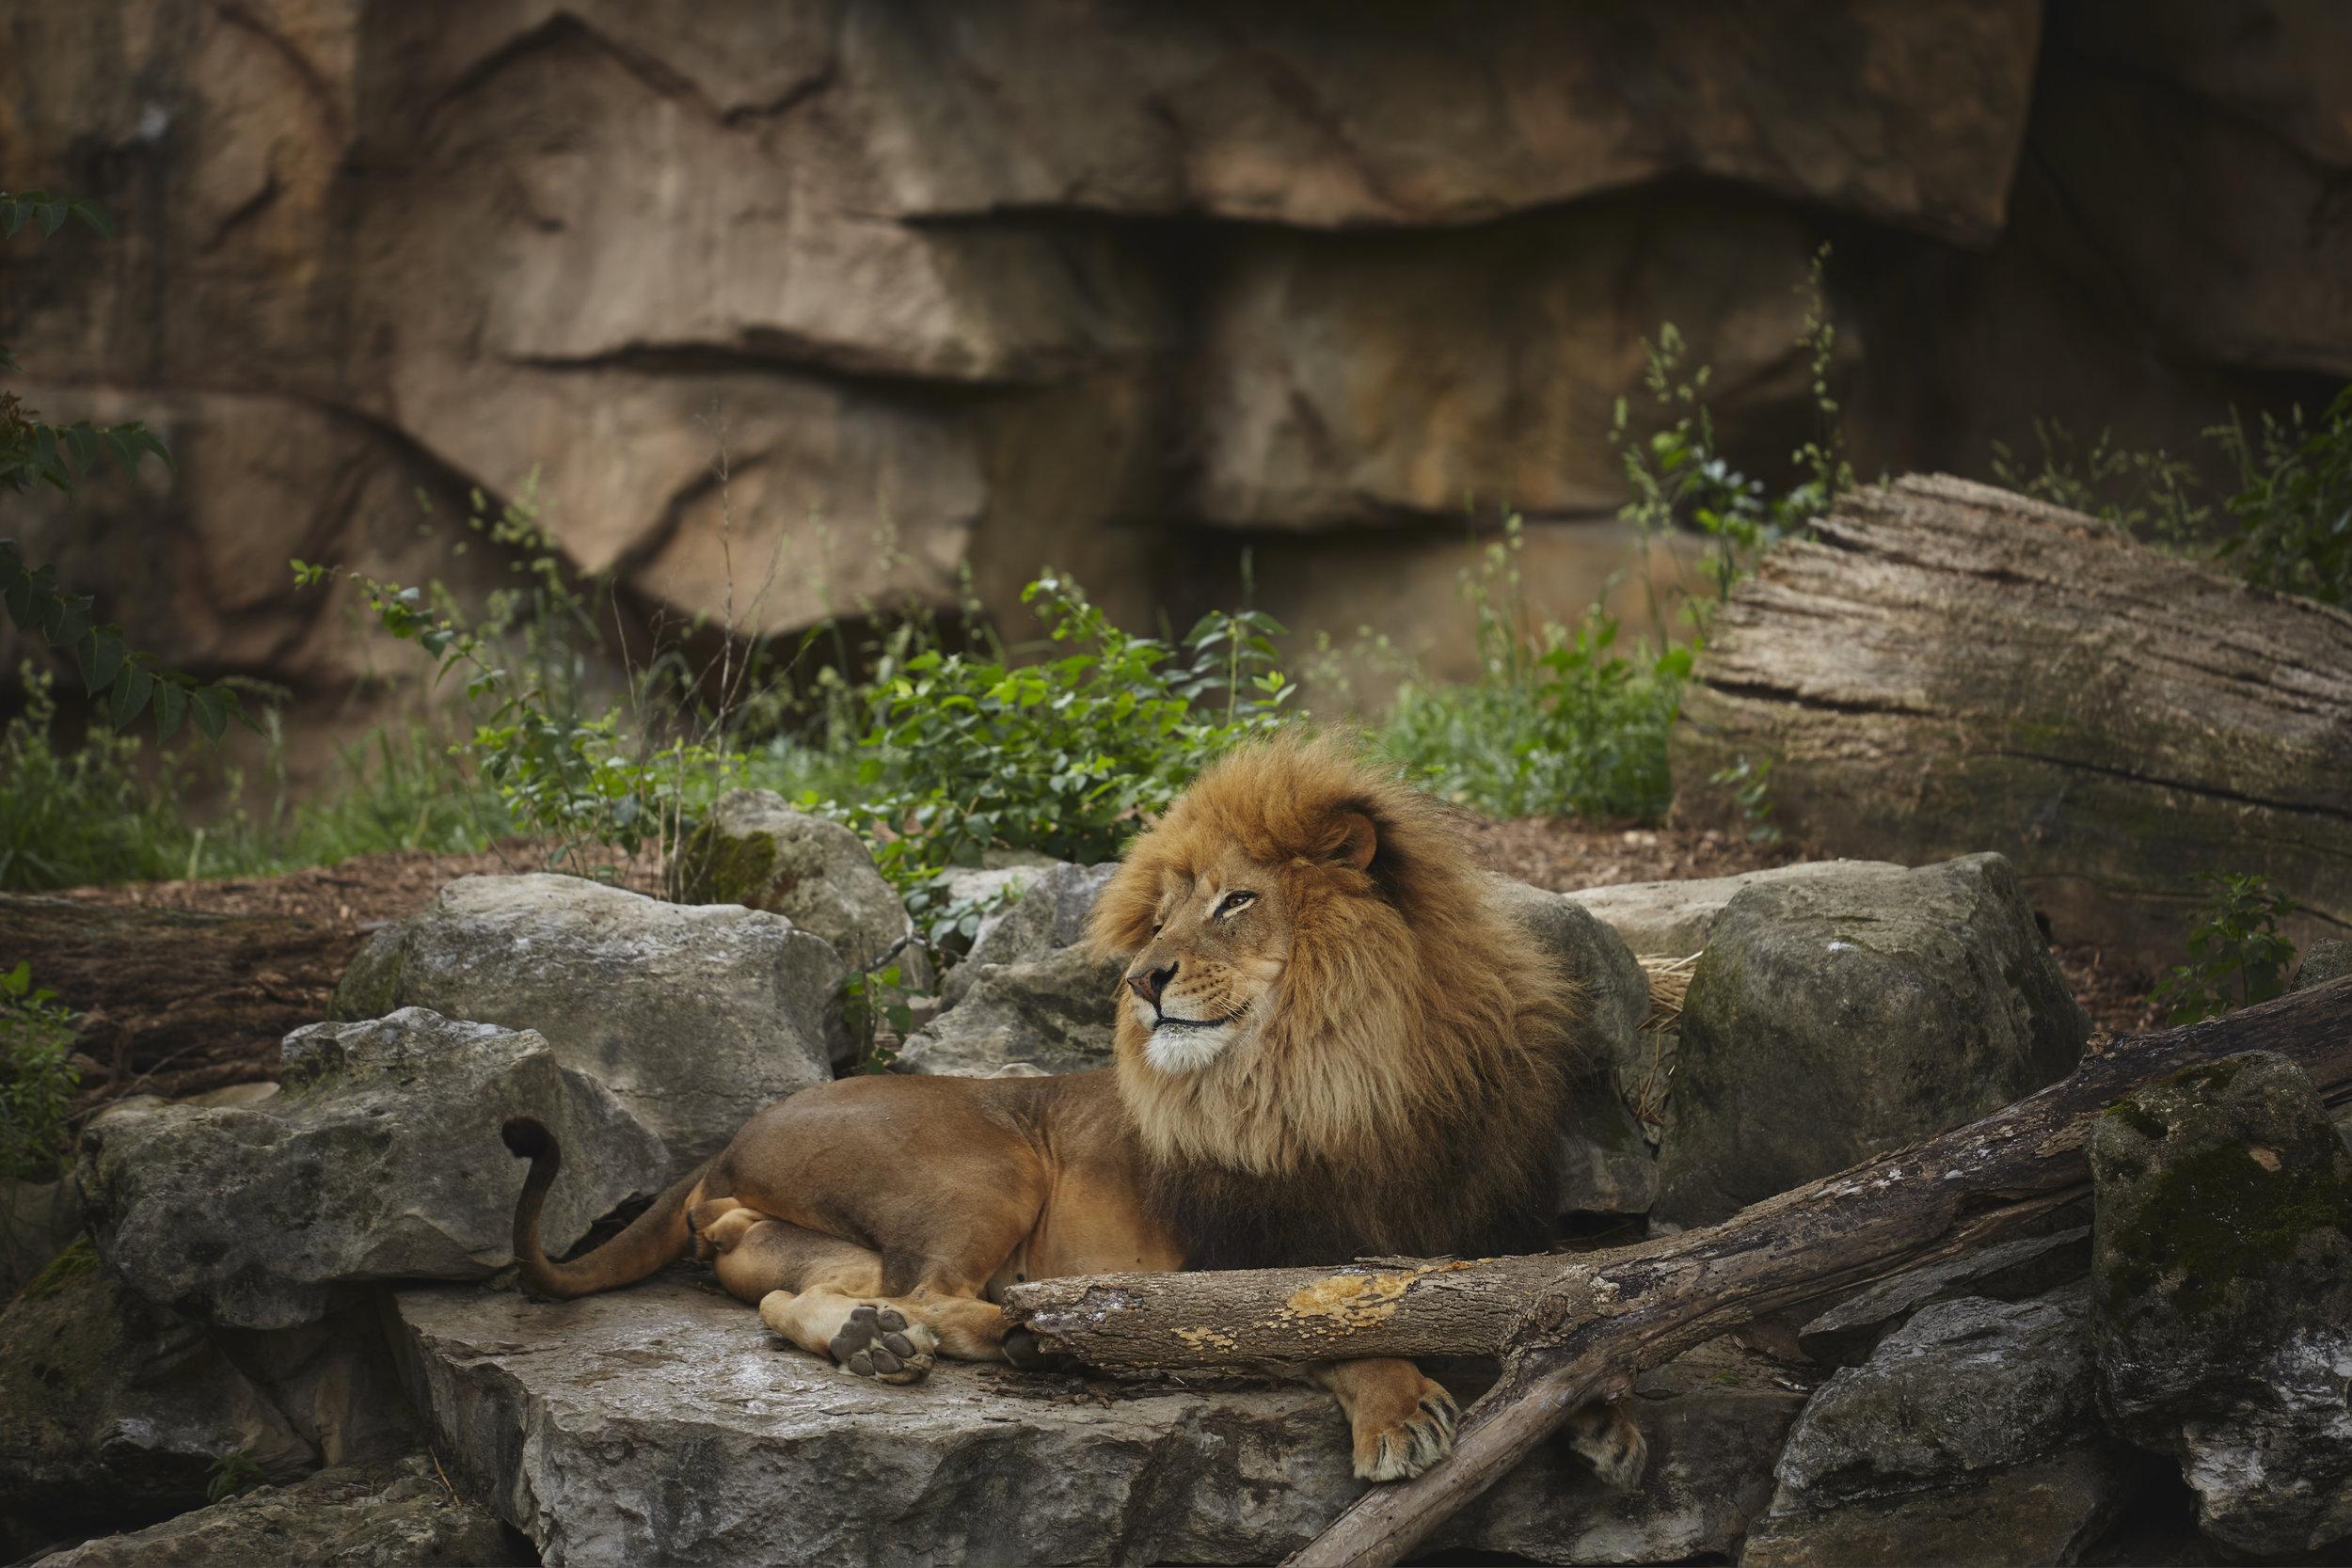 Zoo - BRphoto - 6I5A8834.jpg